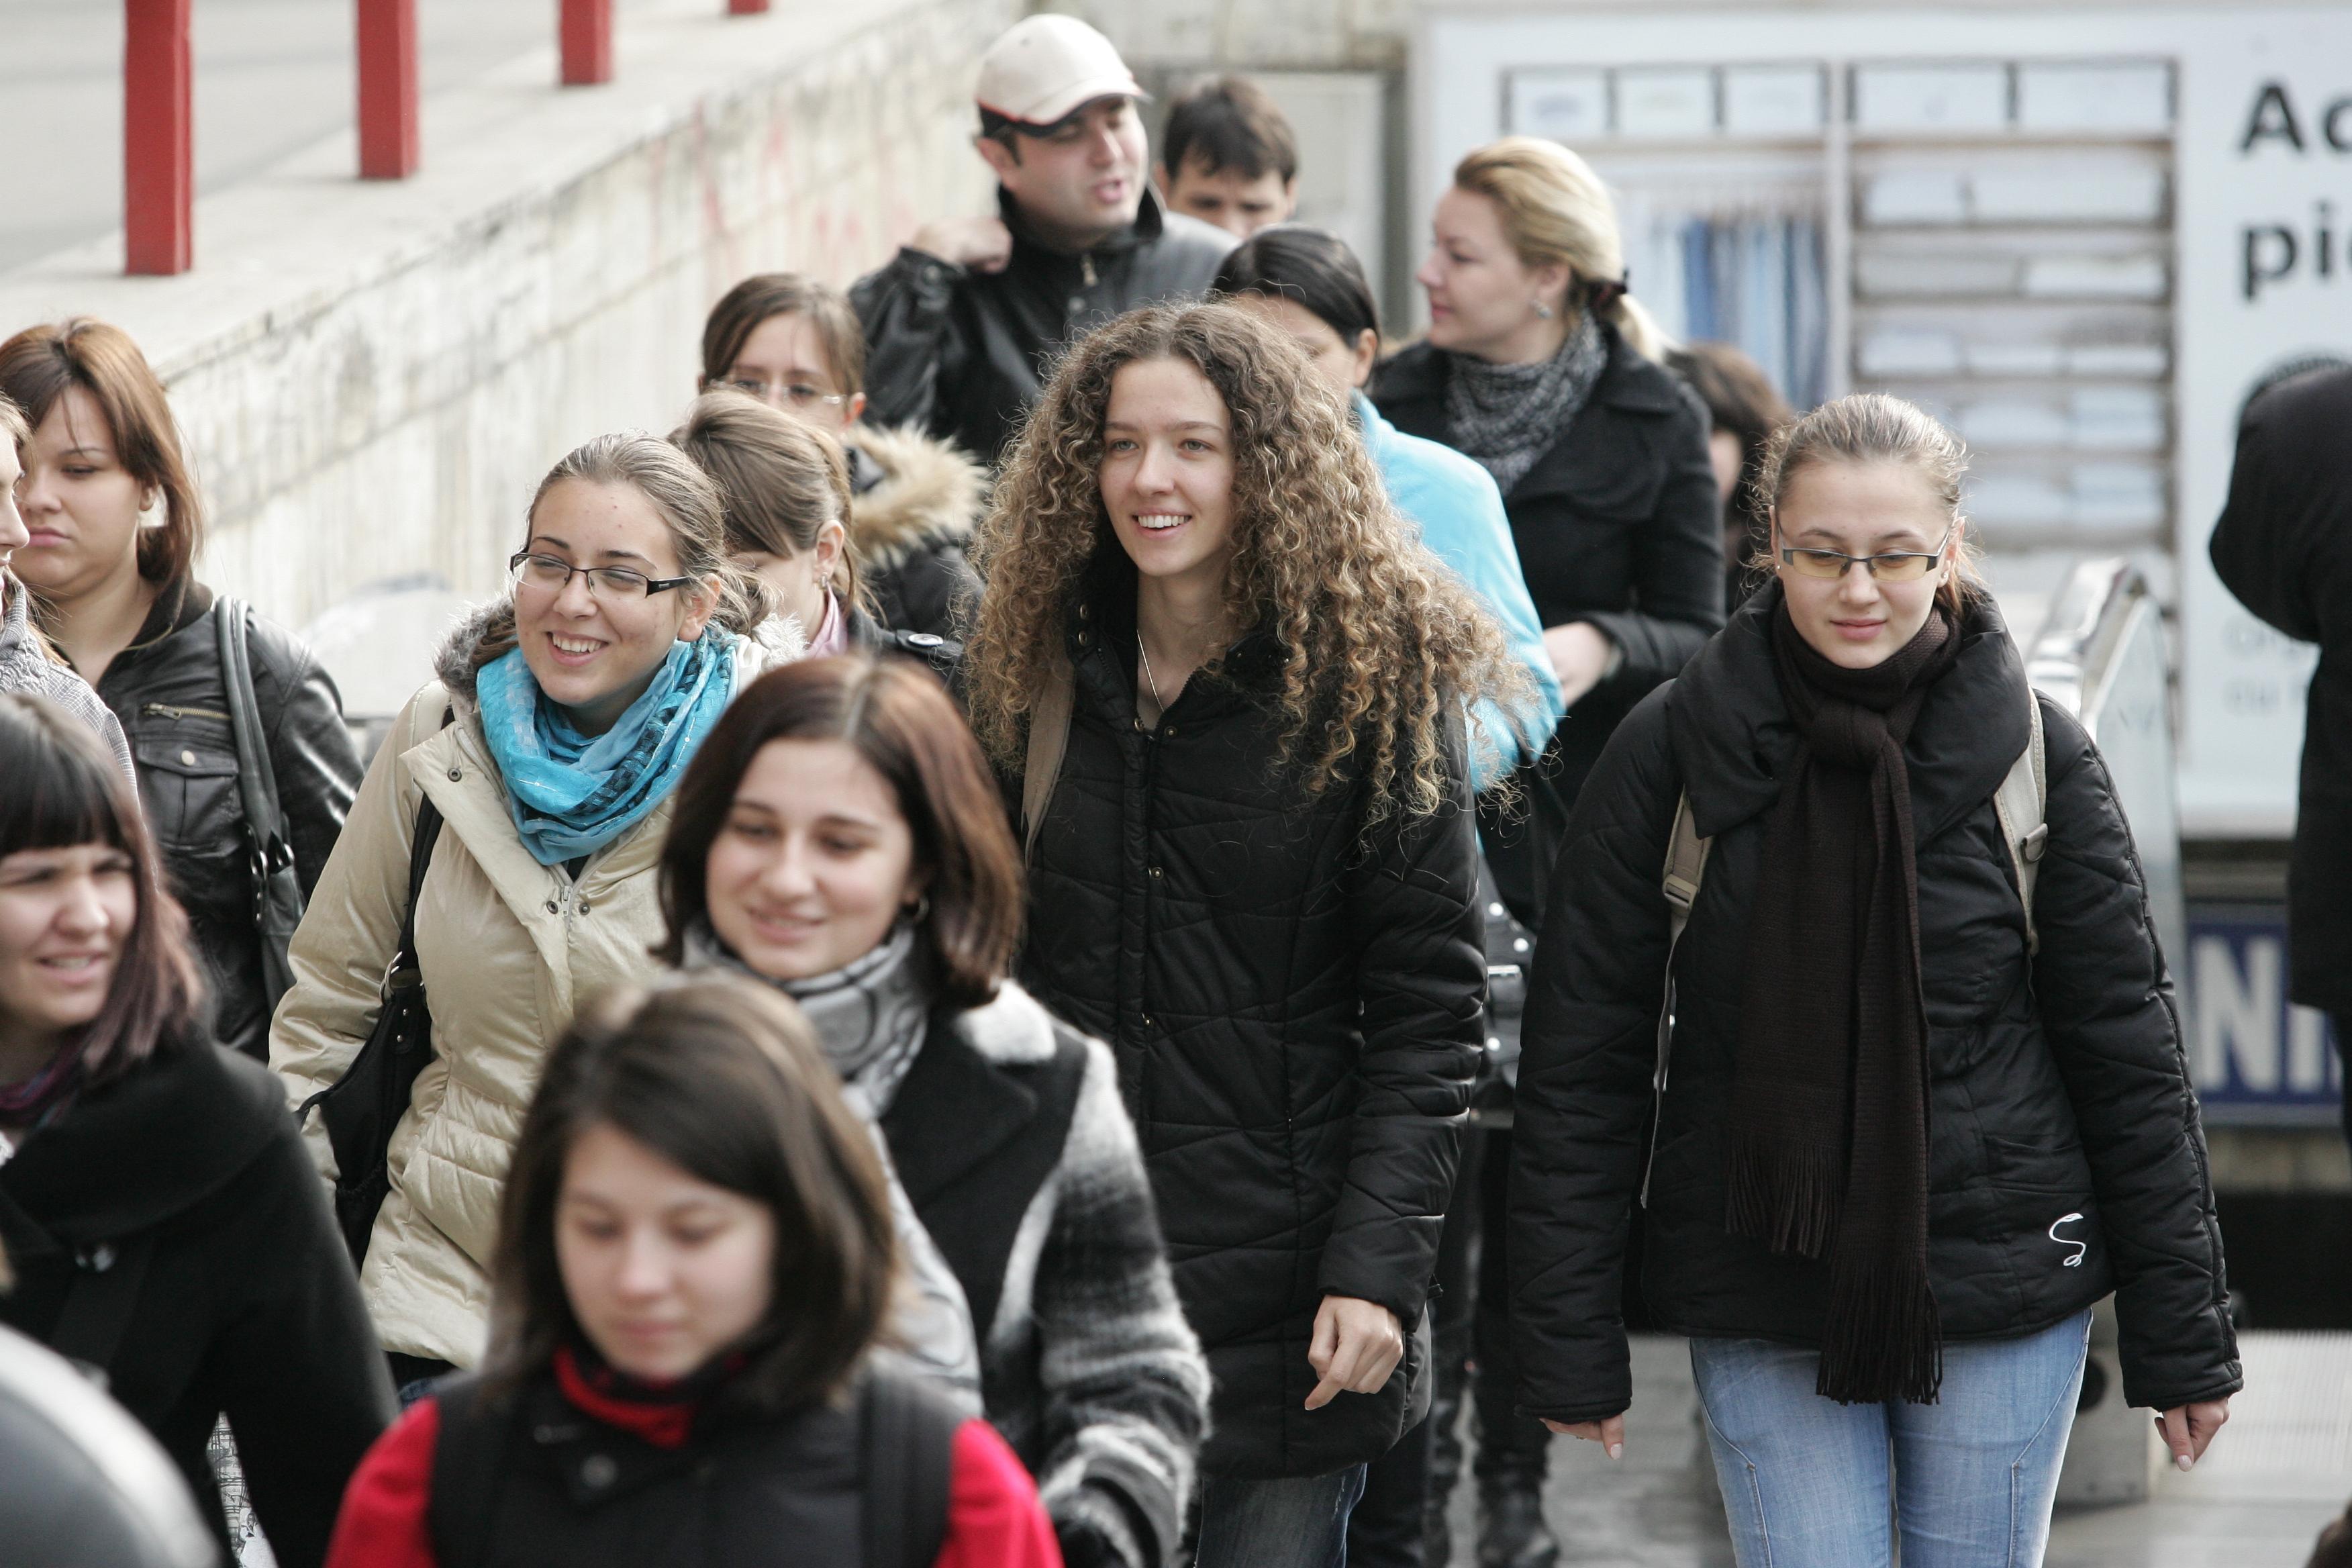 Drama din piaţa muncii: Criza şi restructurările au decimat numărul angajaţilor. Numărul de salariaţi din companiile româneşti a depăşit 4 milioane în 2017, dar este cu 340.000 mai mic decât în 2008